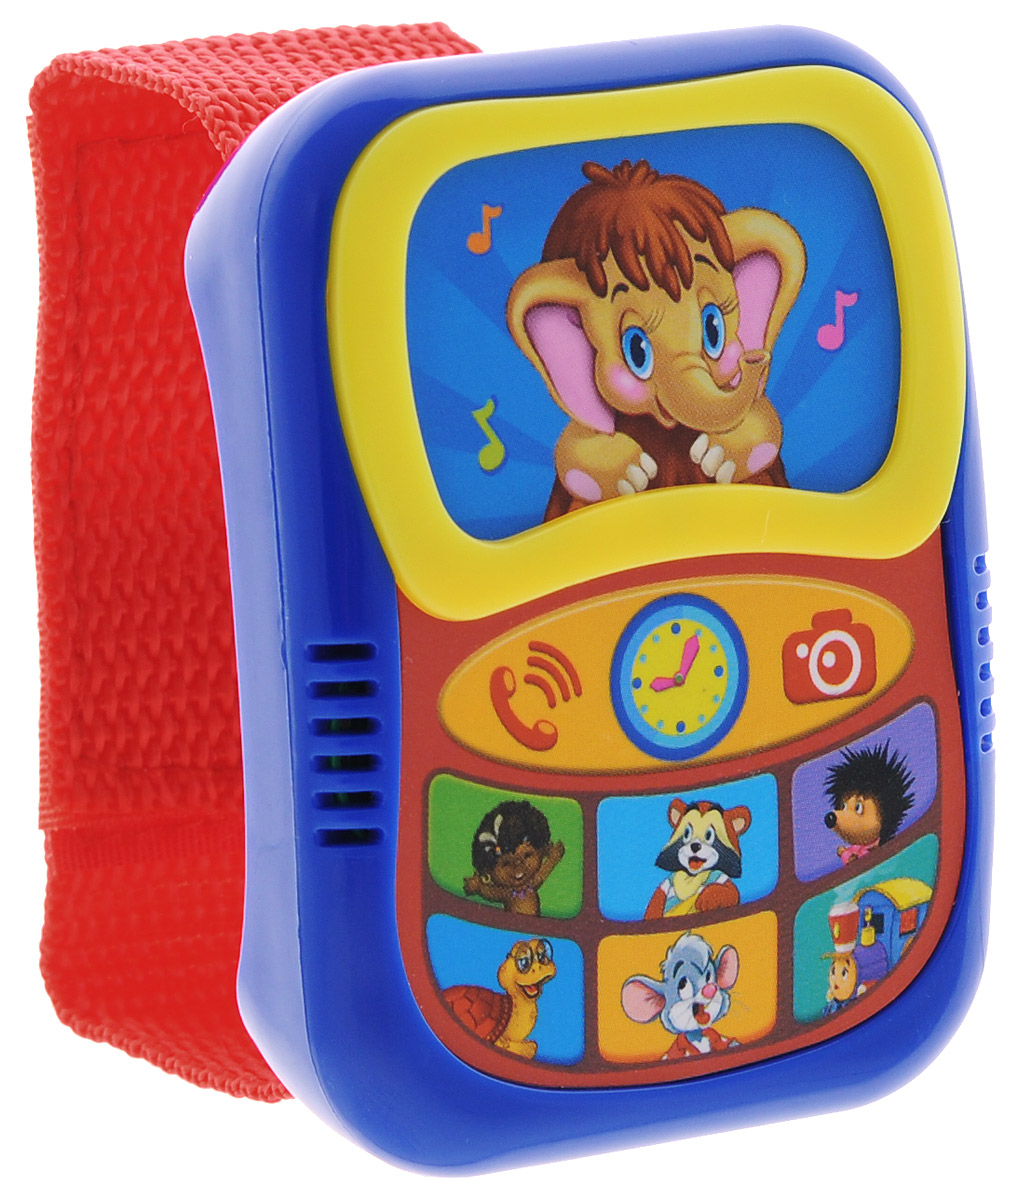 Азбукварик Музыкальная игрушка Говорящий плеер-часики цвет синий красный